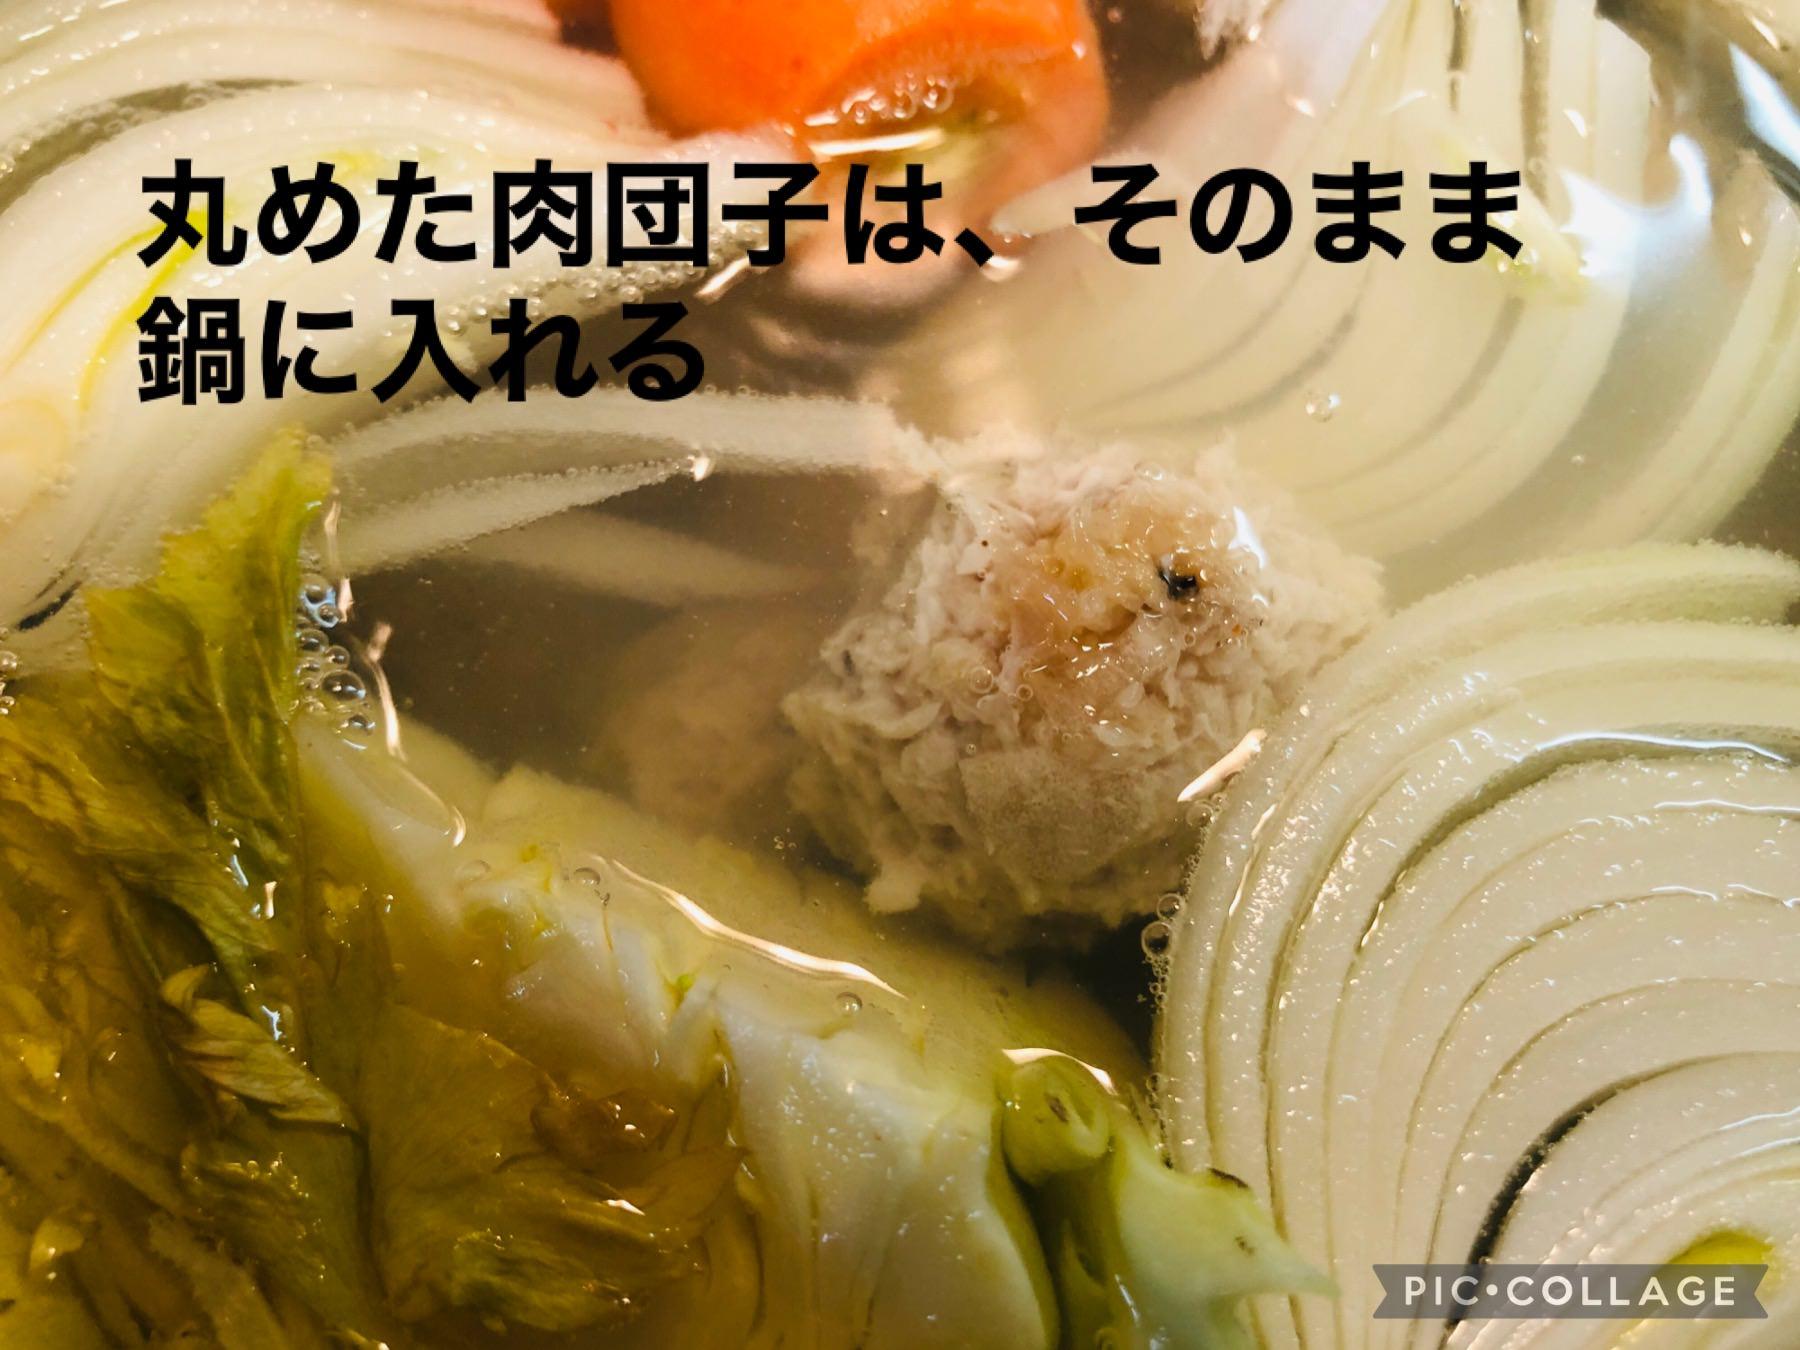 丸めた肉団子を野菜の入った鍋に落したが画像です